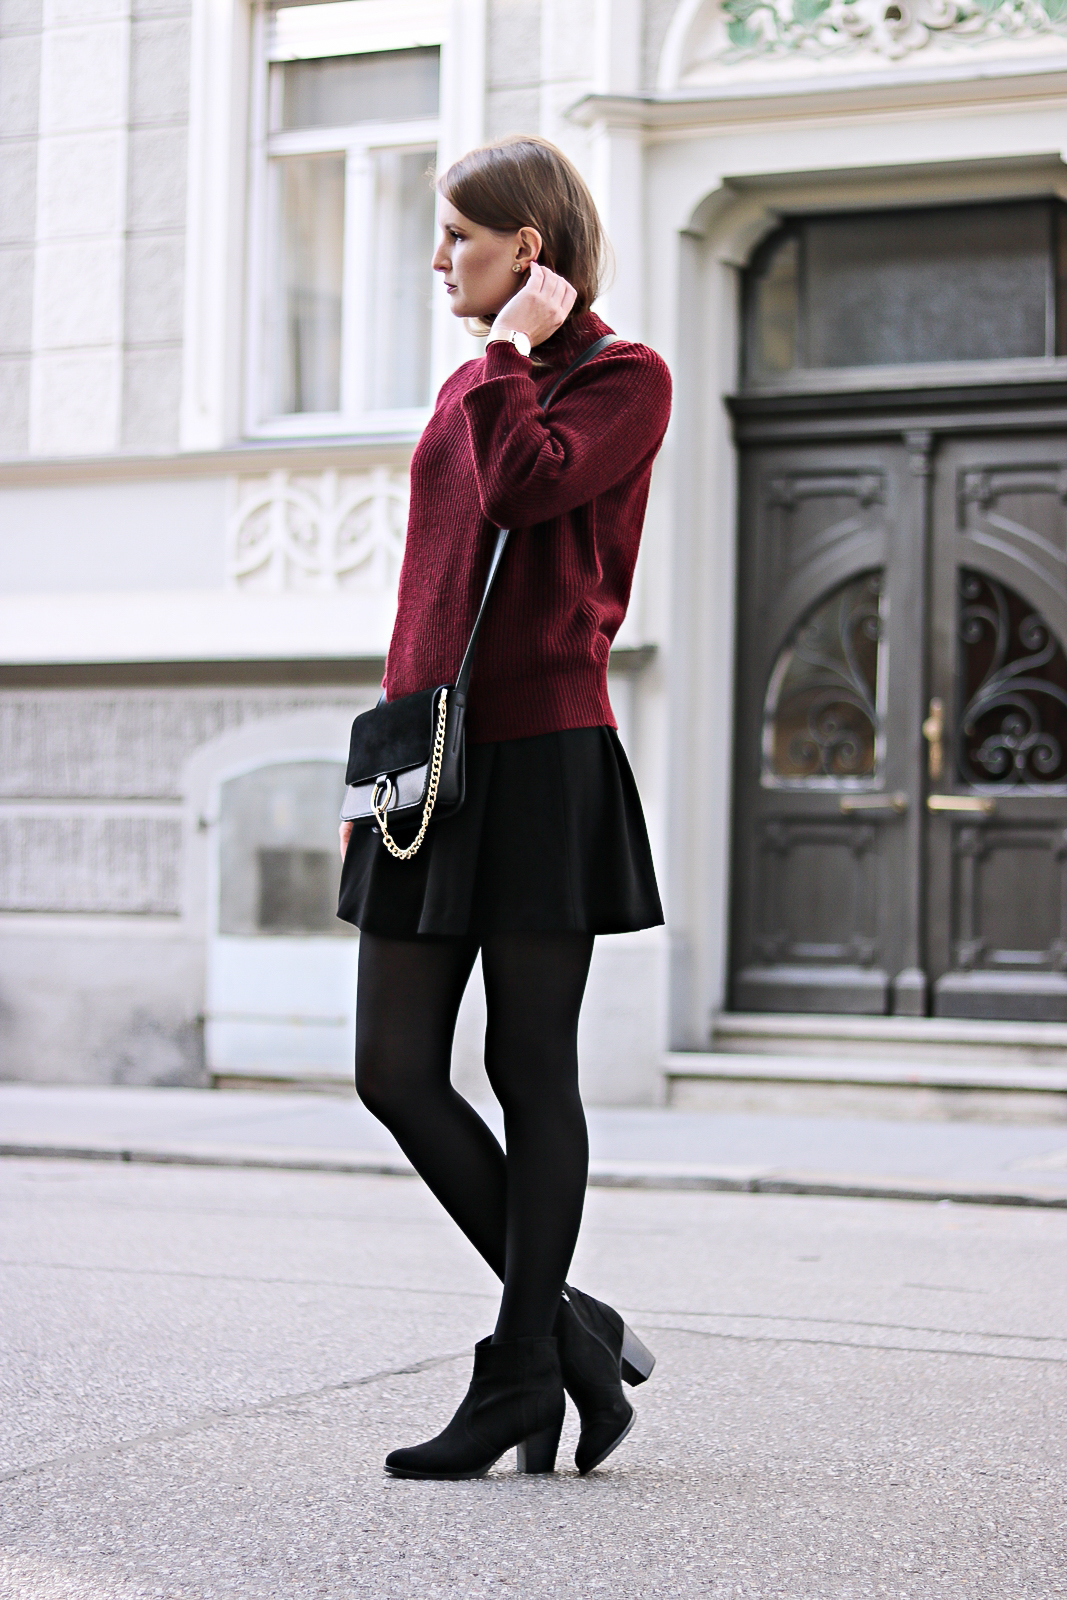 Trendfarbe Rot - welcher Rotton passt zu mir - Farbtyp bestimmung - Mode Tipps - Outfit Tipps - Hauttyp bestimmen - die perfekte Farbfamilie für deinen Hauttyp - Outfit Kombination mit rotem Pullover - rote Outfit Kombi - das perfekte Rot für deinen Farbtyp - dieser Rotton steht dir perfekt - welcher Rotton steht mir - Fashionladyloves by Tamara Wagner - Mode Blog - Fashion Blog aus Graz Österreich